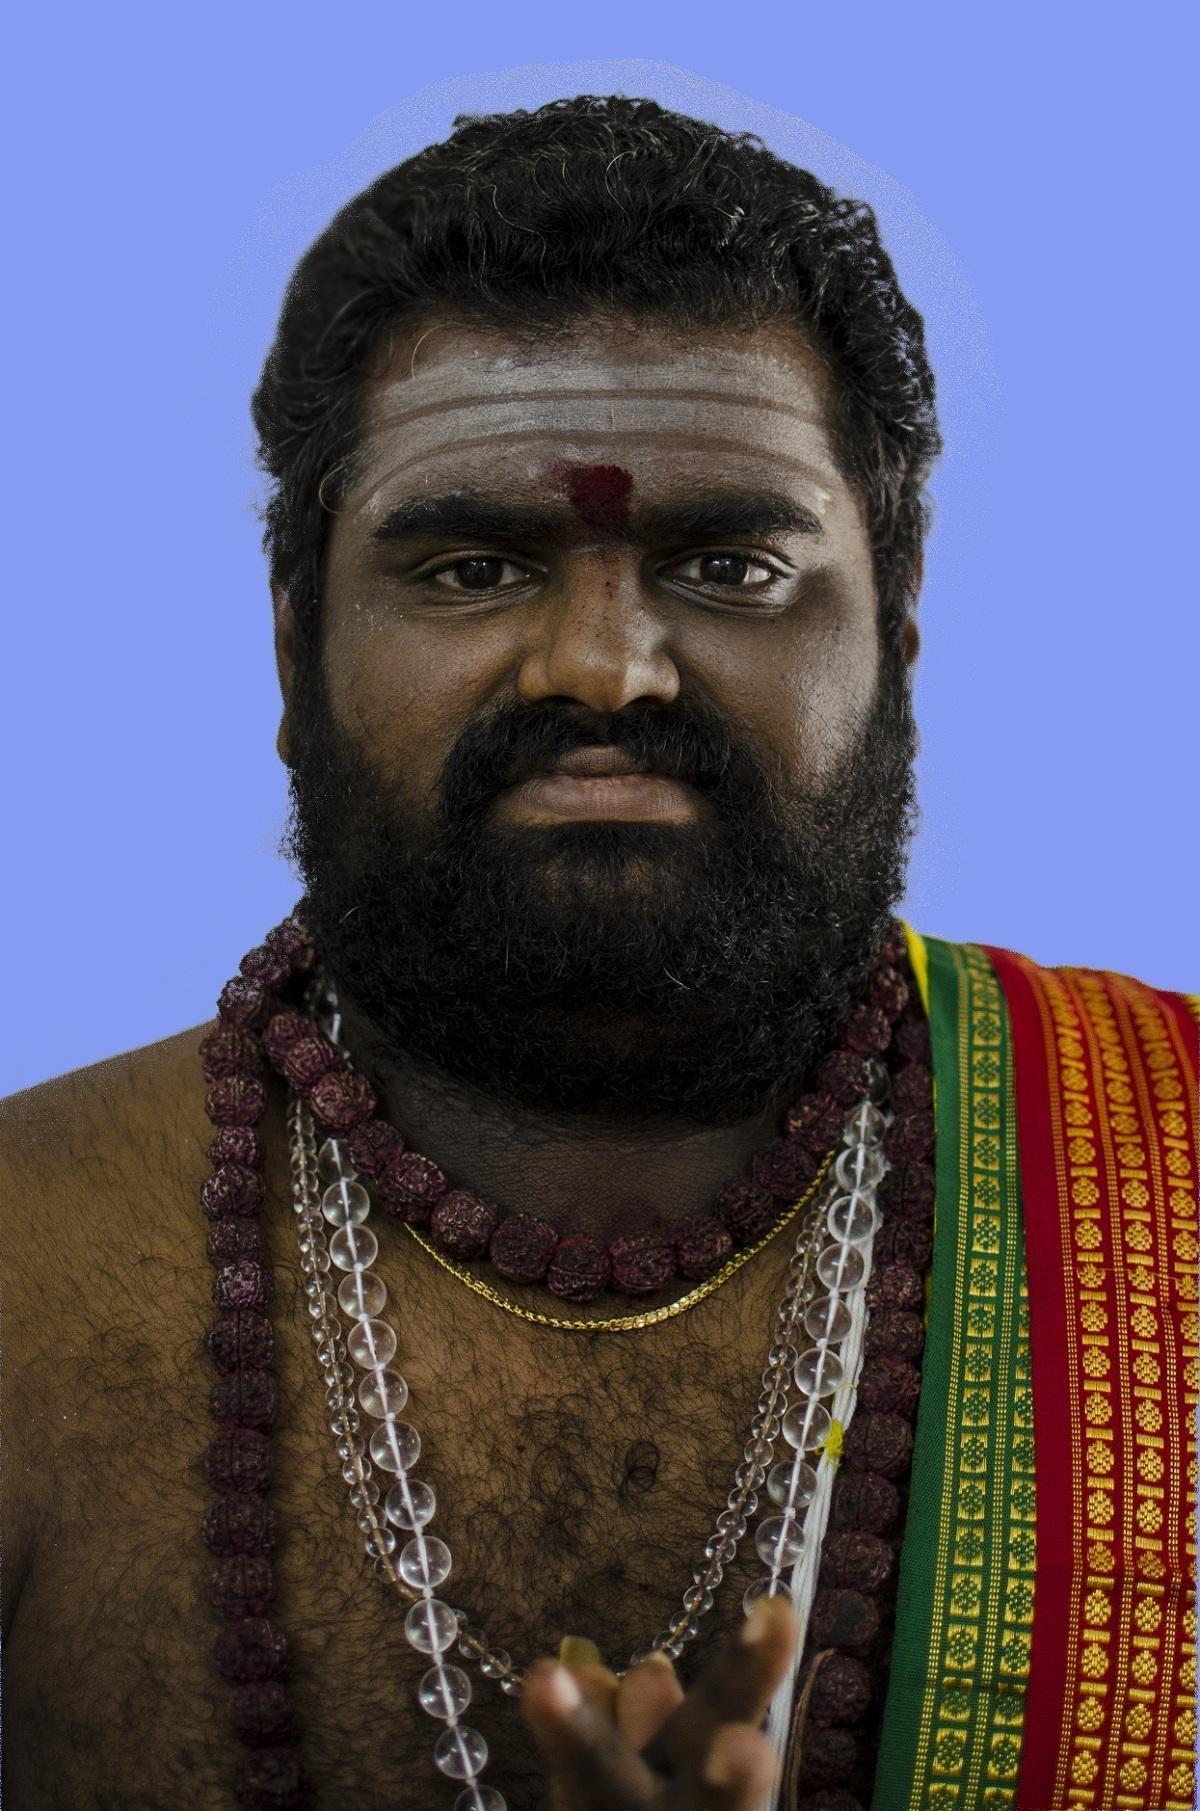 பெருங்குளம் ராமகிருஷ்ணன்